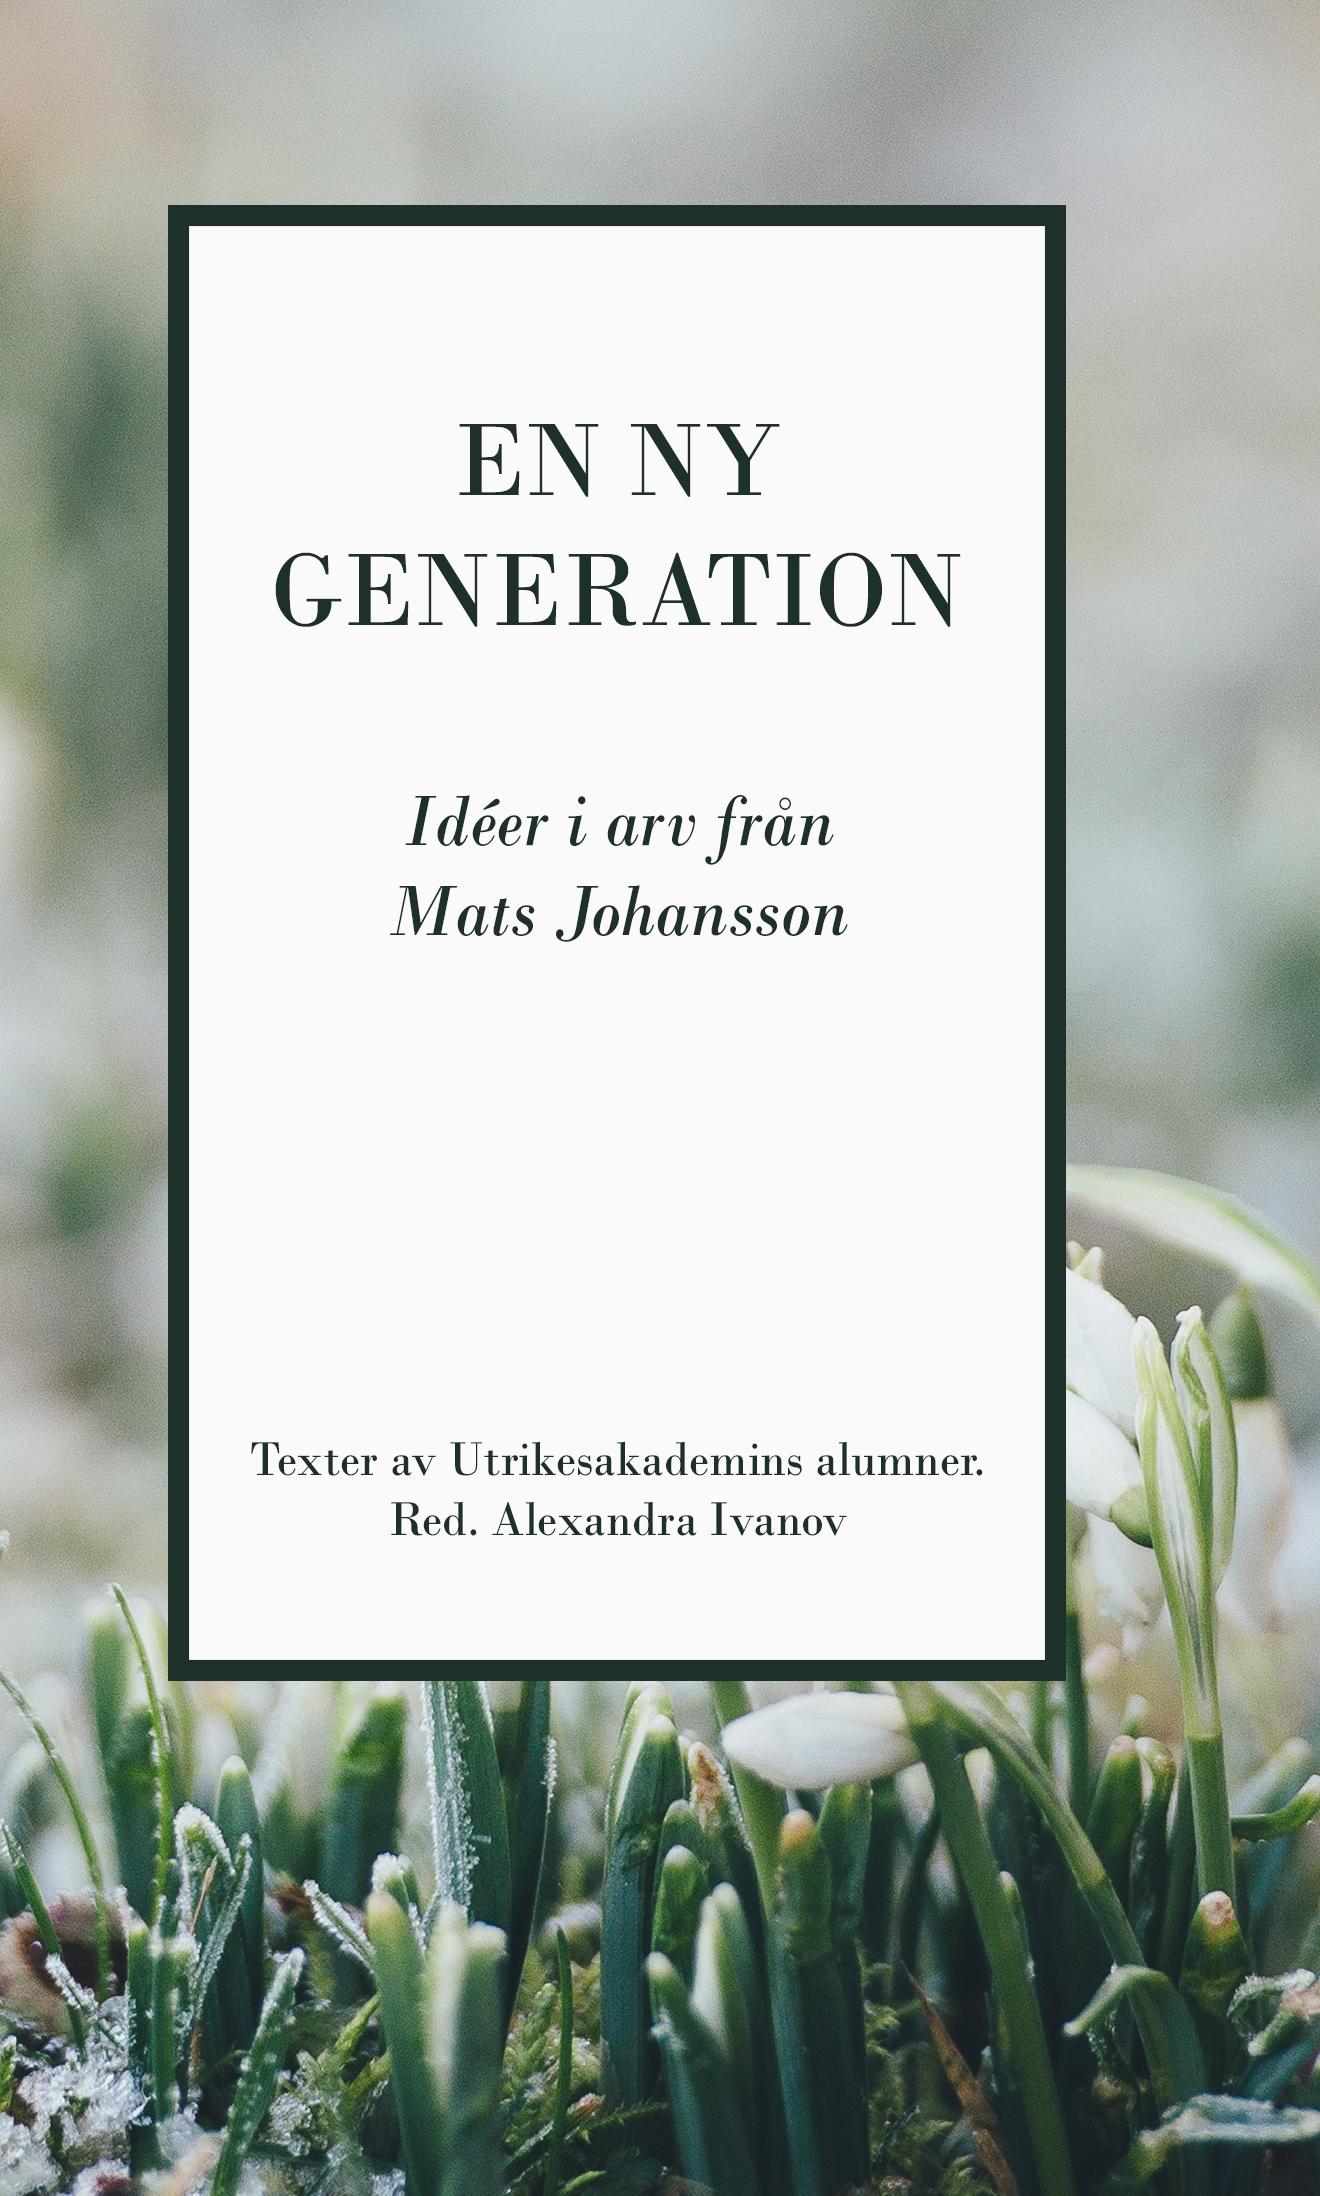 En ny generation: Idéer i arv från Mats Johansson